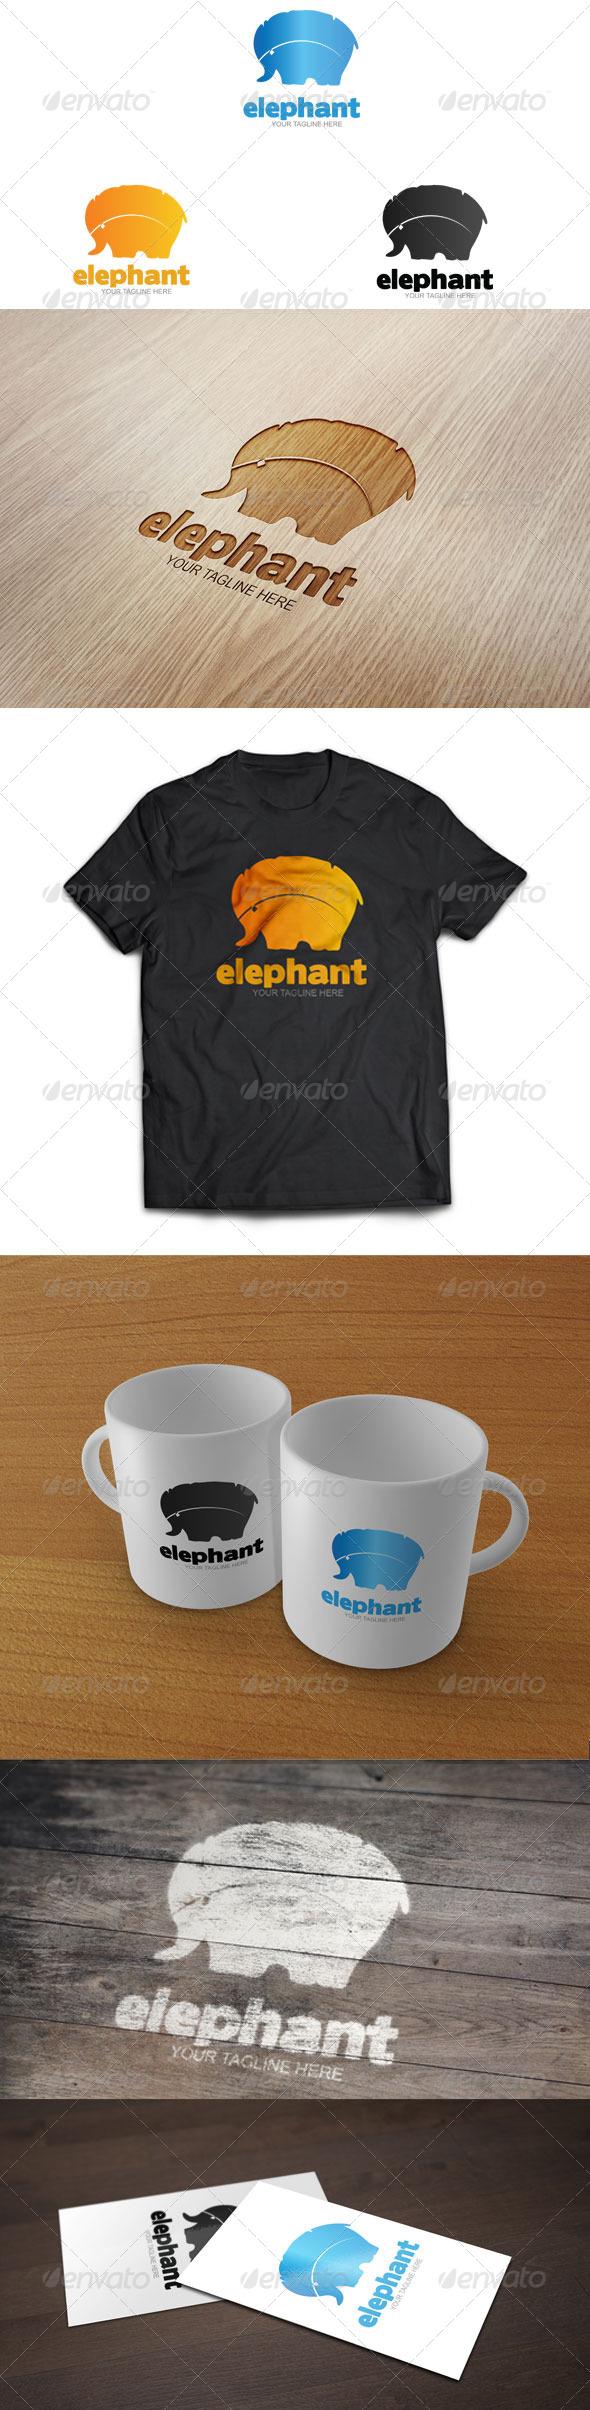 GraphicRiver Elephant Logo Template 6503977